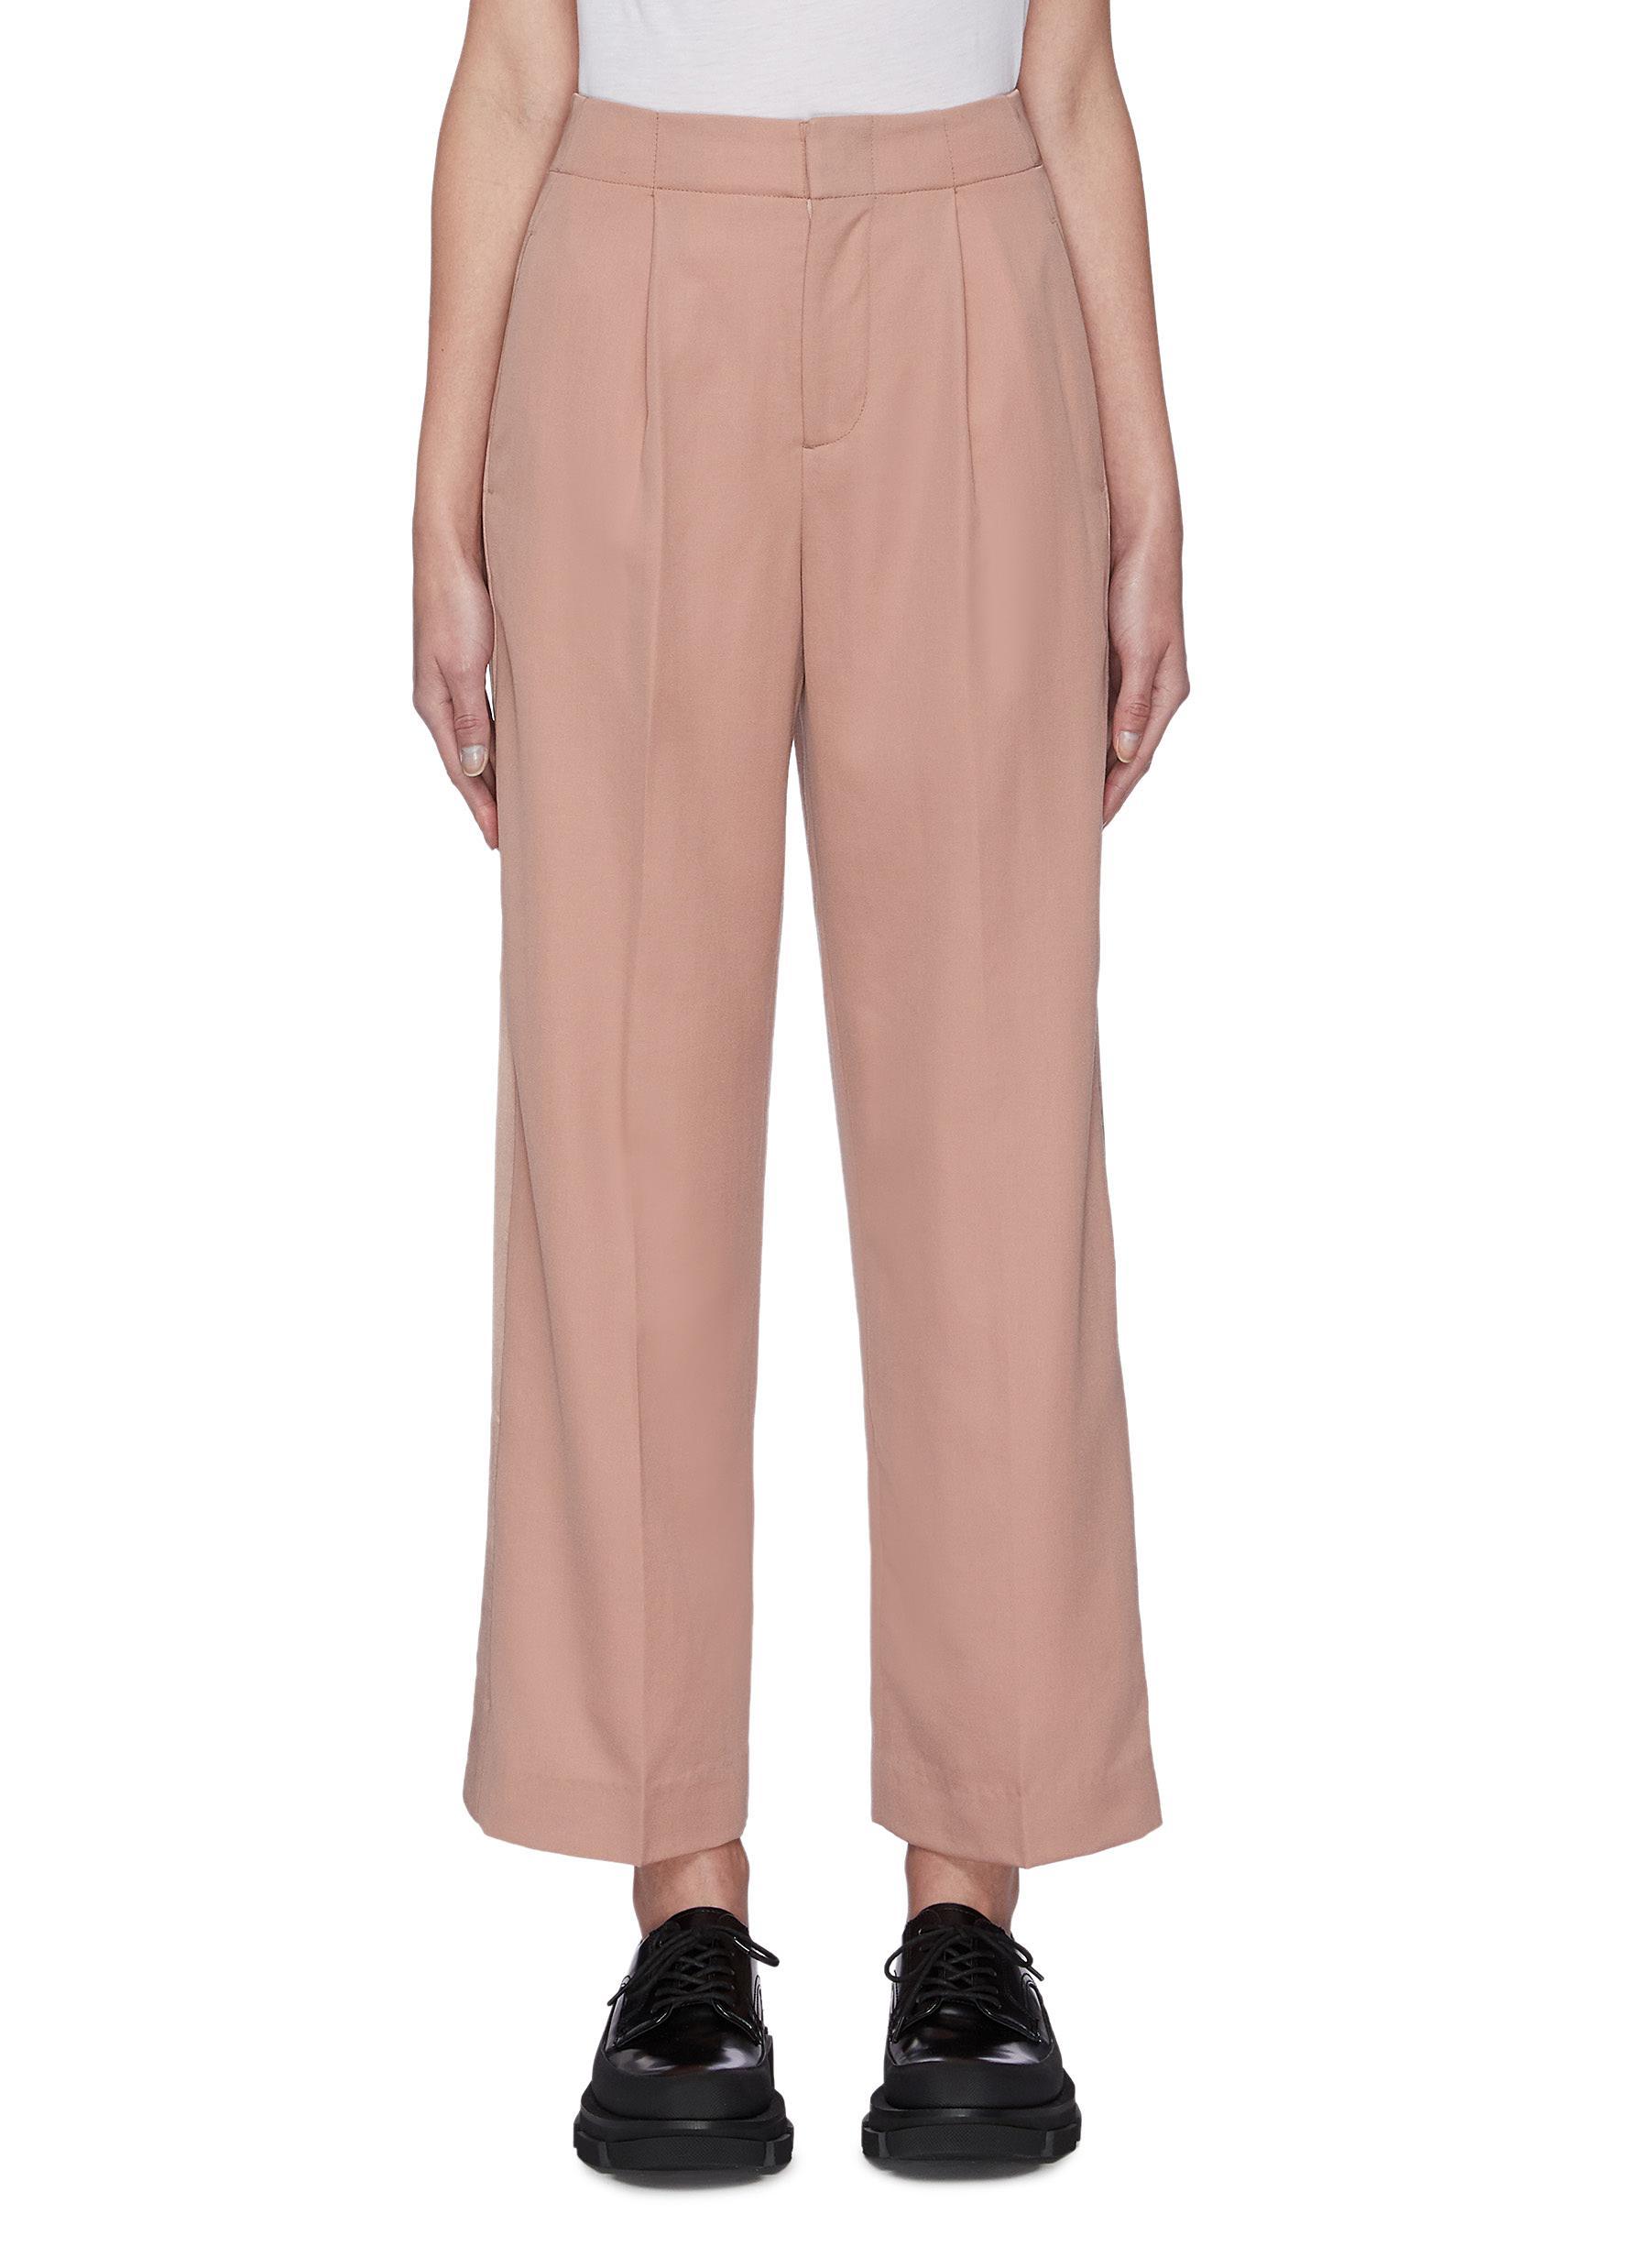 Buy Sans Titre Pants & Shorts Satin panel wide leg suiting pants